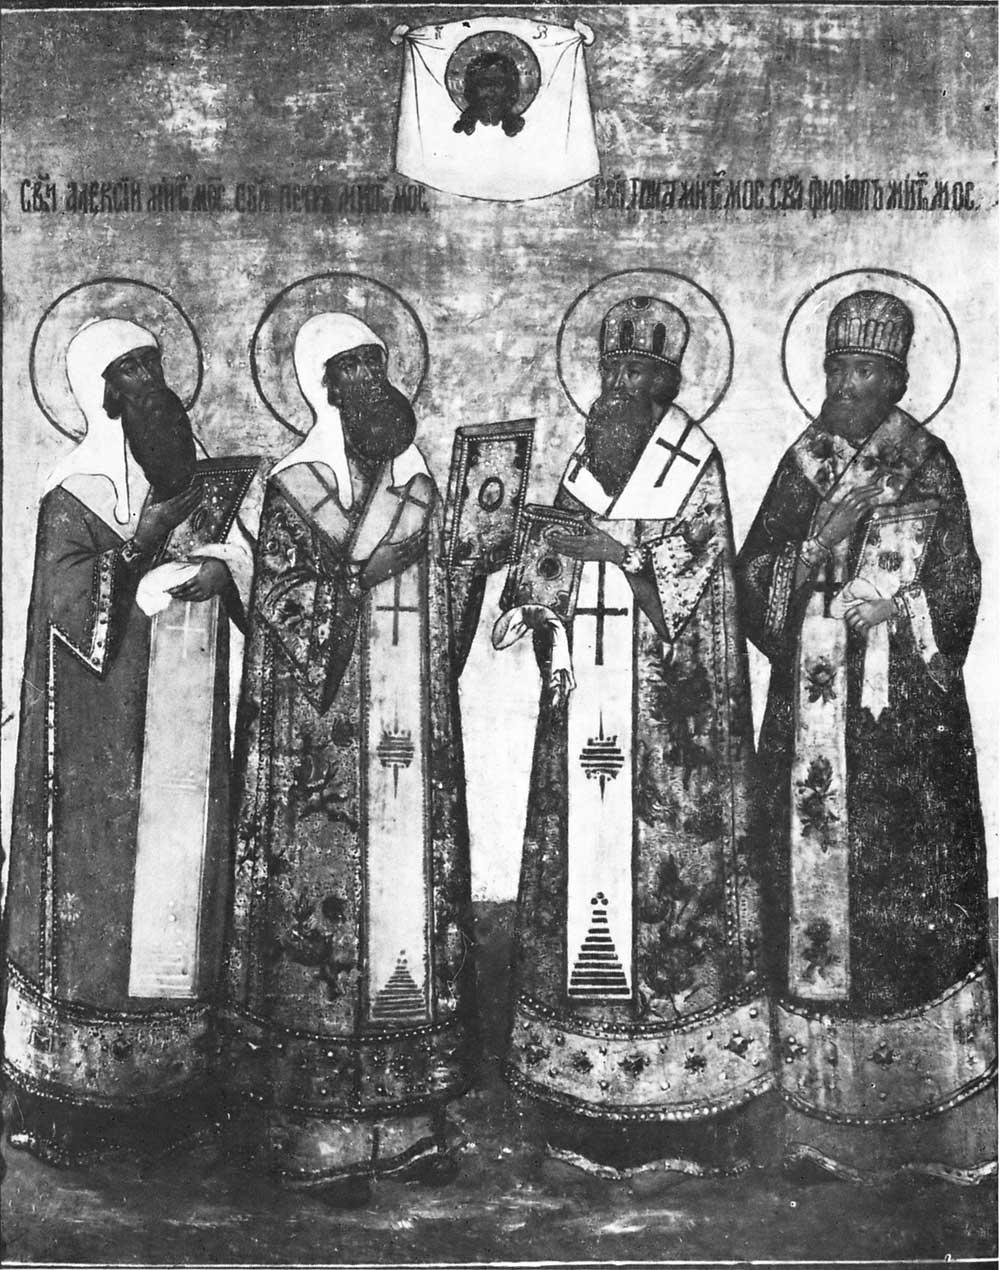 Митрополиты Петр, Алексей, Иона и Филипп — святители московские